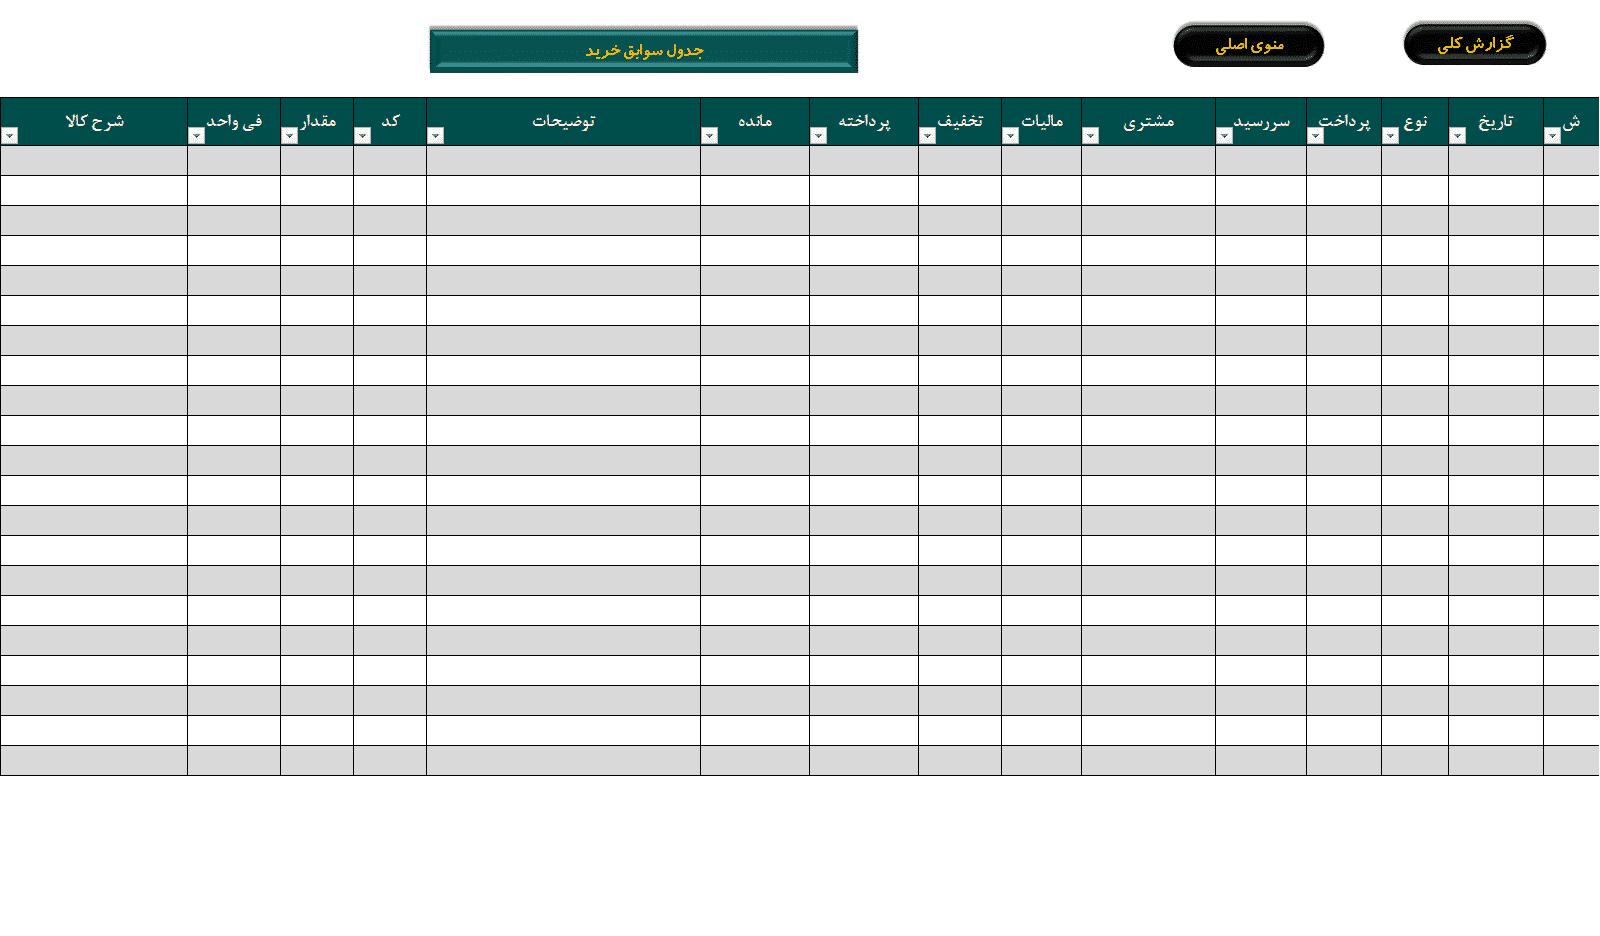 ? برنامه حسابداری فروشگاهی ثبت فاکتورهای خرید و فروش 2 برنامه ثبت فاکتور اکسل حسابداری فروشگاهی